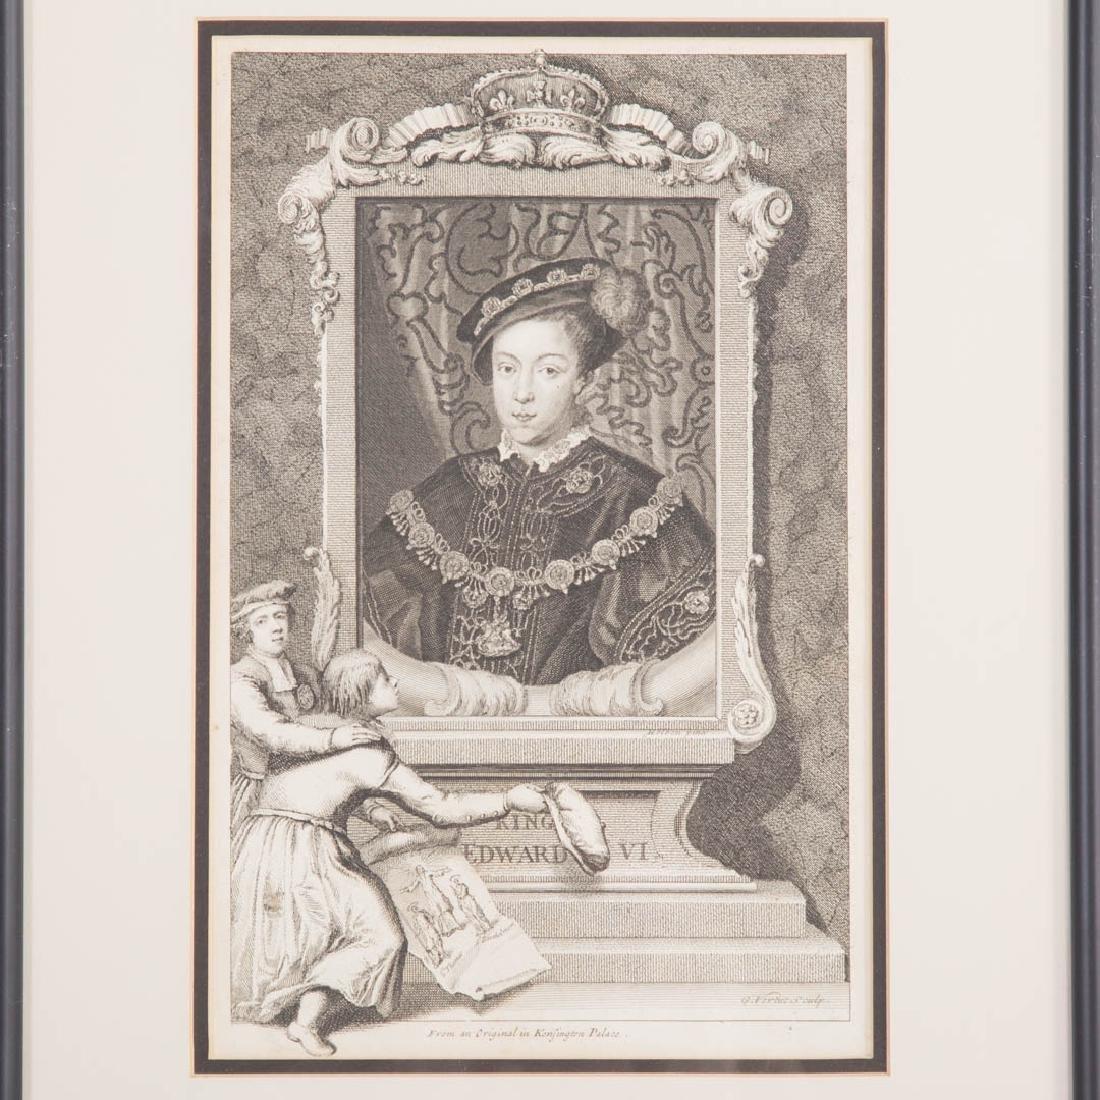 2 George Vertue Engravings & 3 French Engravings - 3